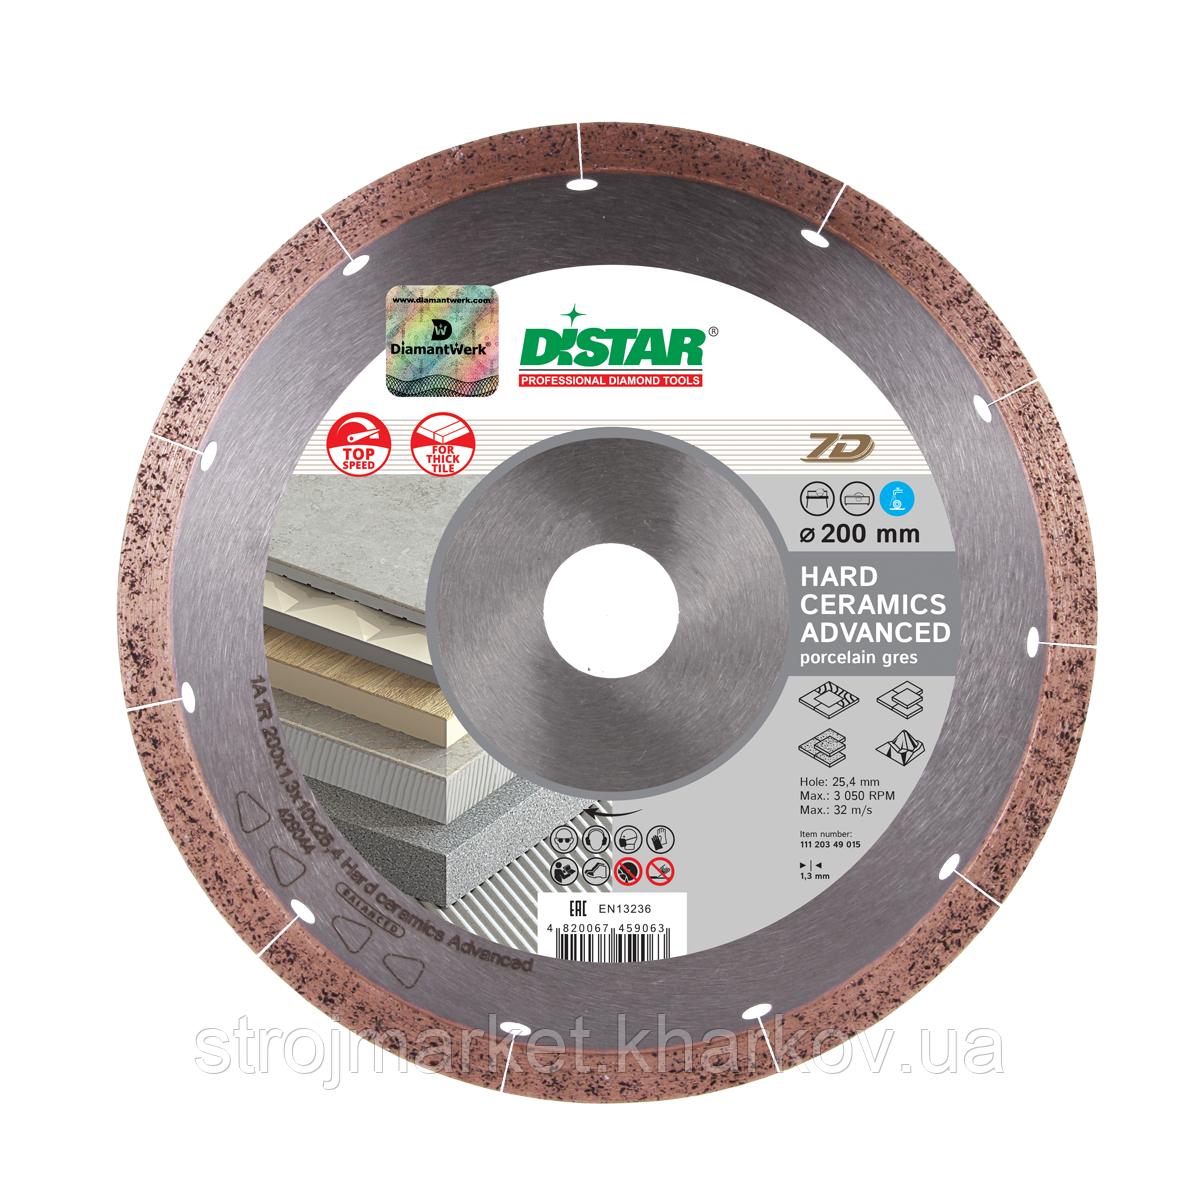 Алмазный диск Hard ceramics Advanced 200мм ТМ DISTAR